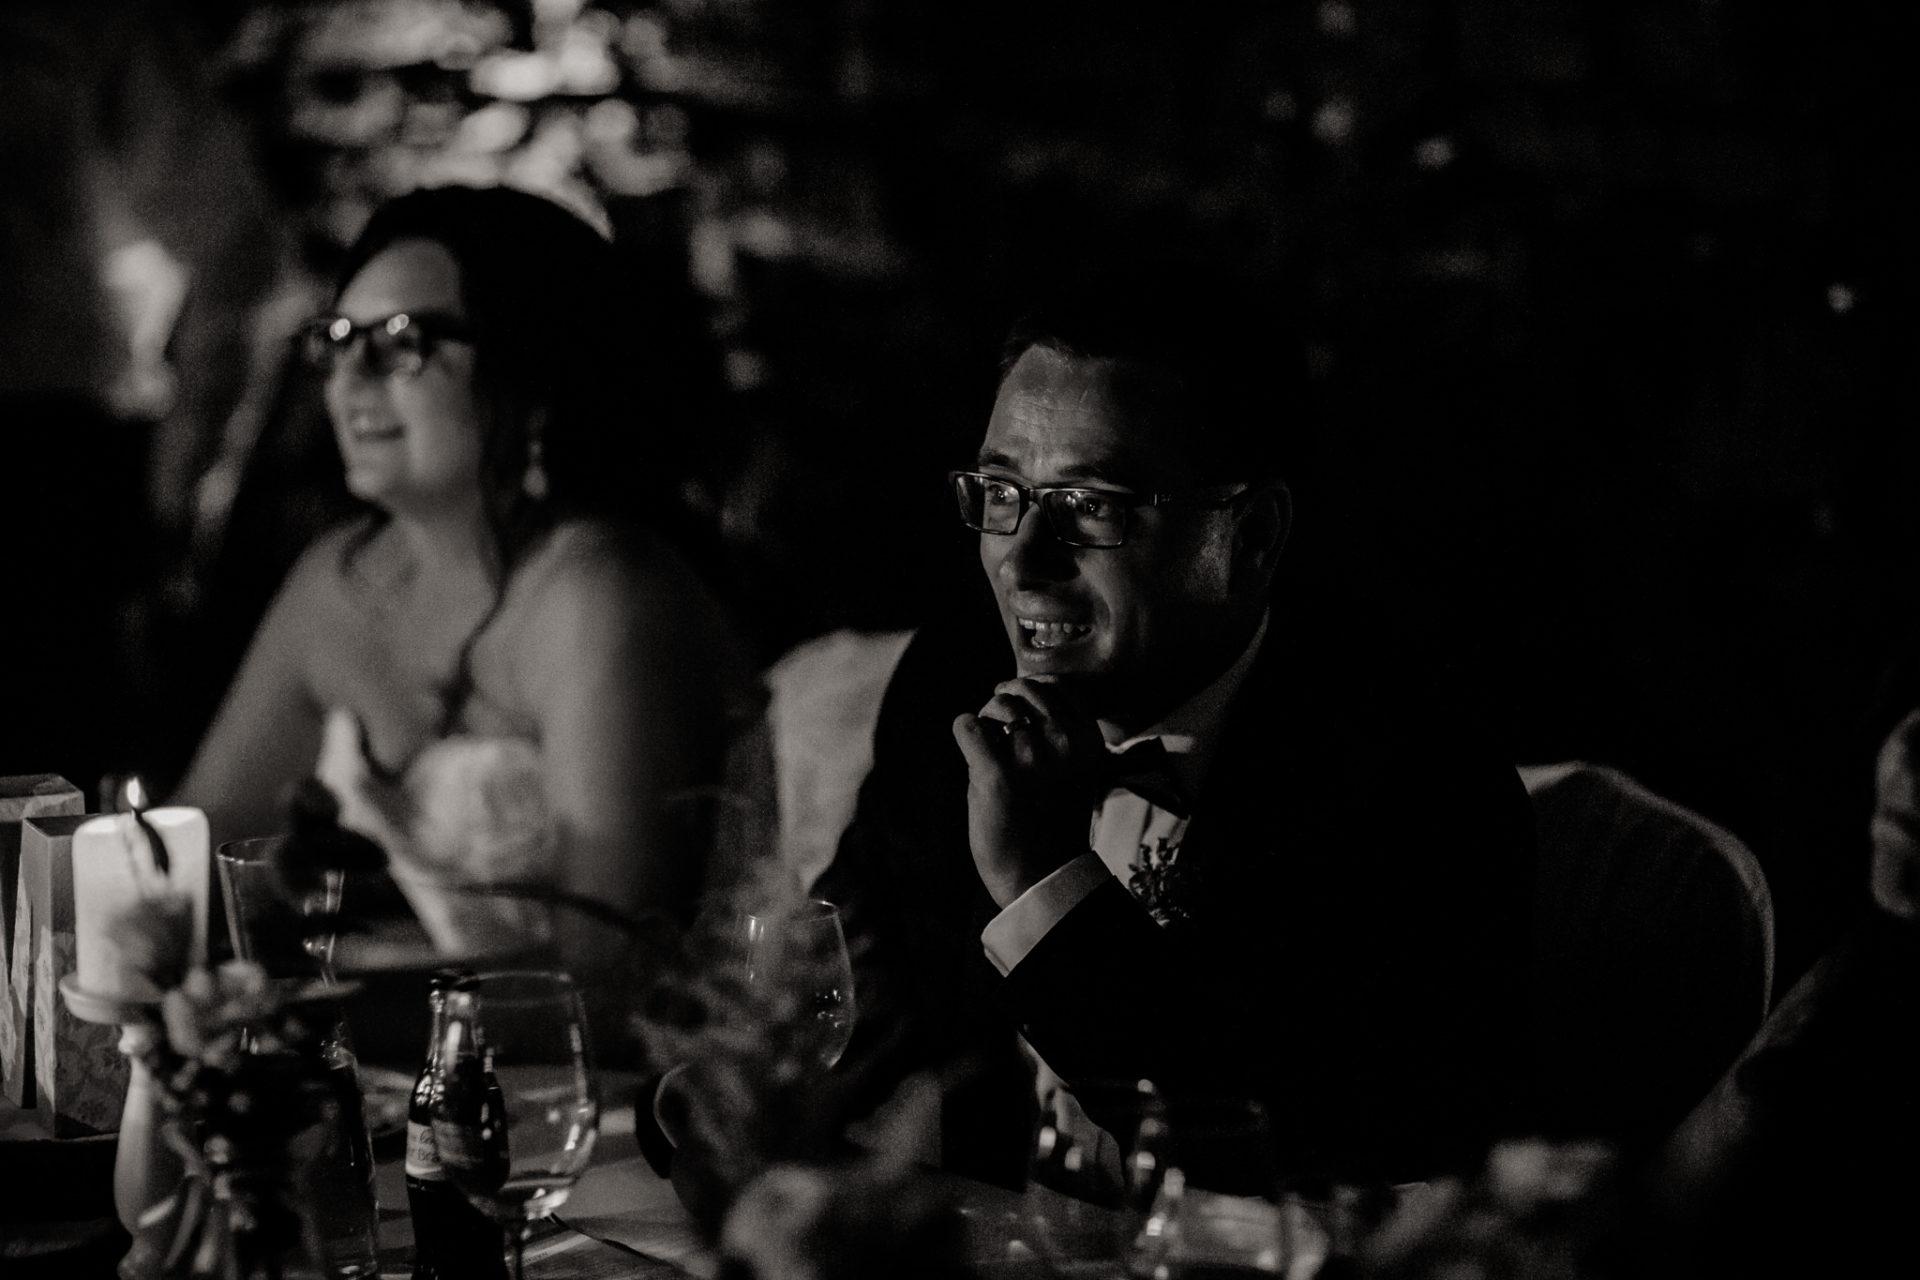 hochzeitsfotograf schloss heinsheim-elegant heiraten-Schafstall Heinsheim-Hochzeit Stuttgart Heilbronn-Hochzeitstanz-DJ Chris Floydd